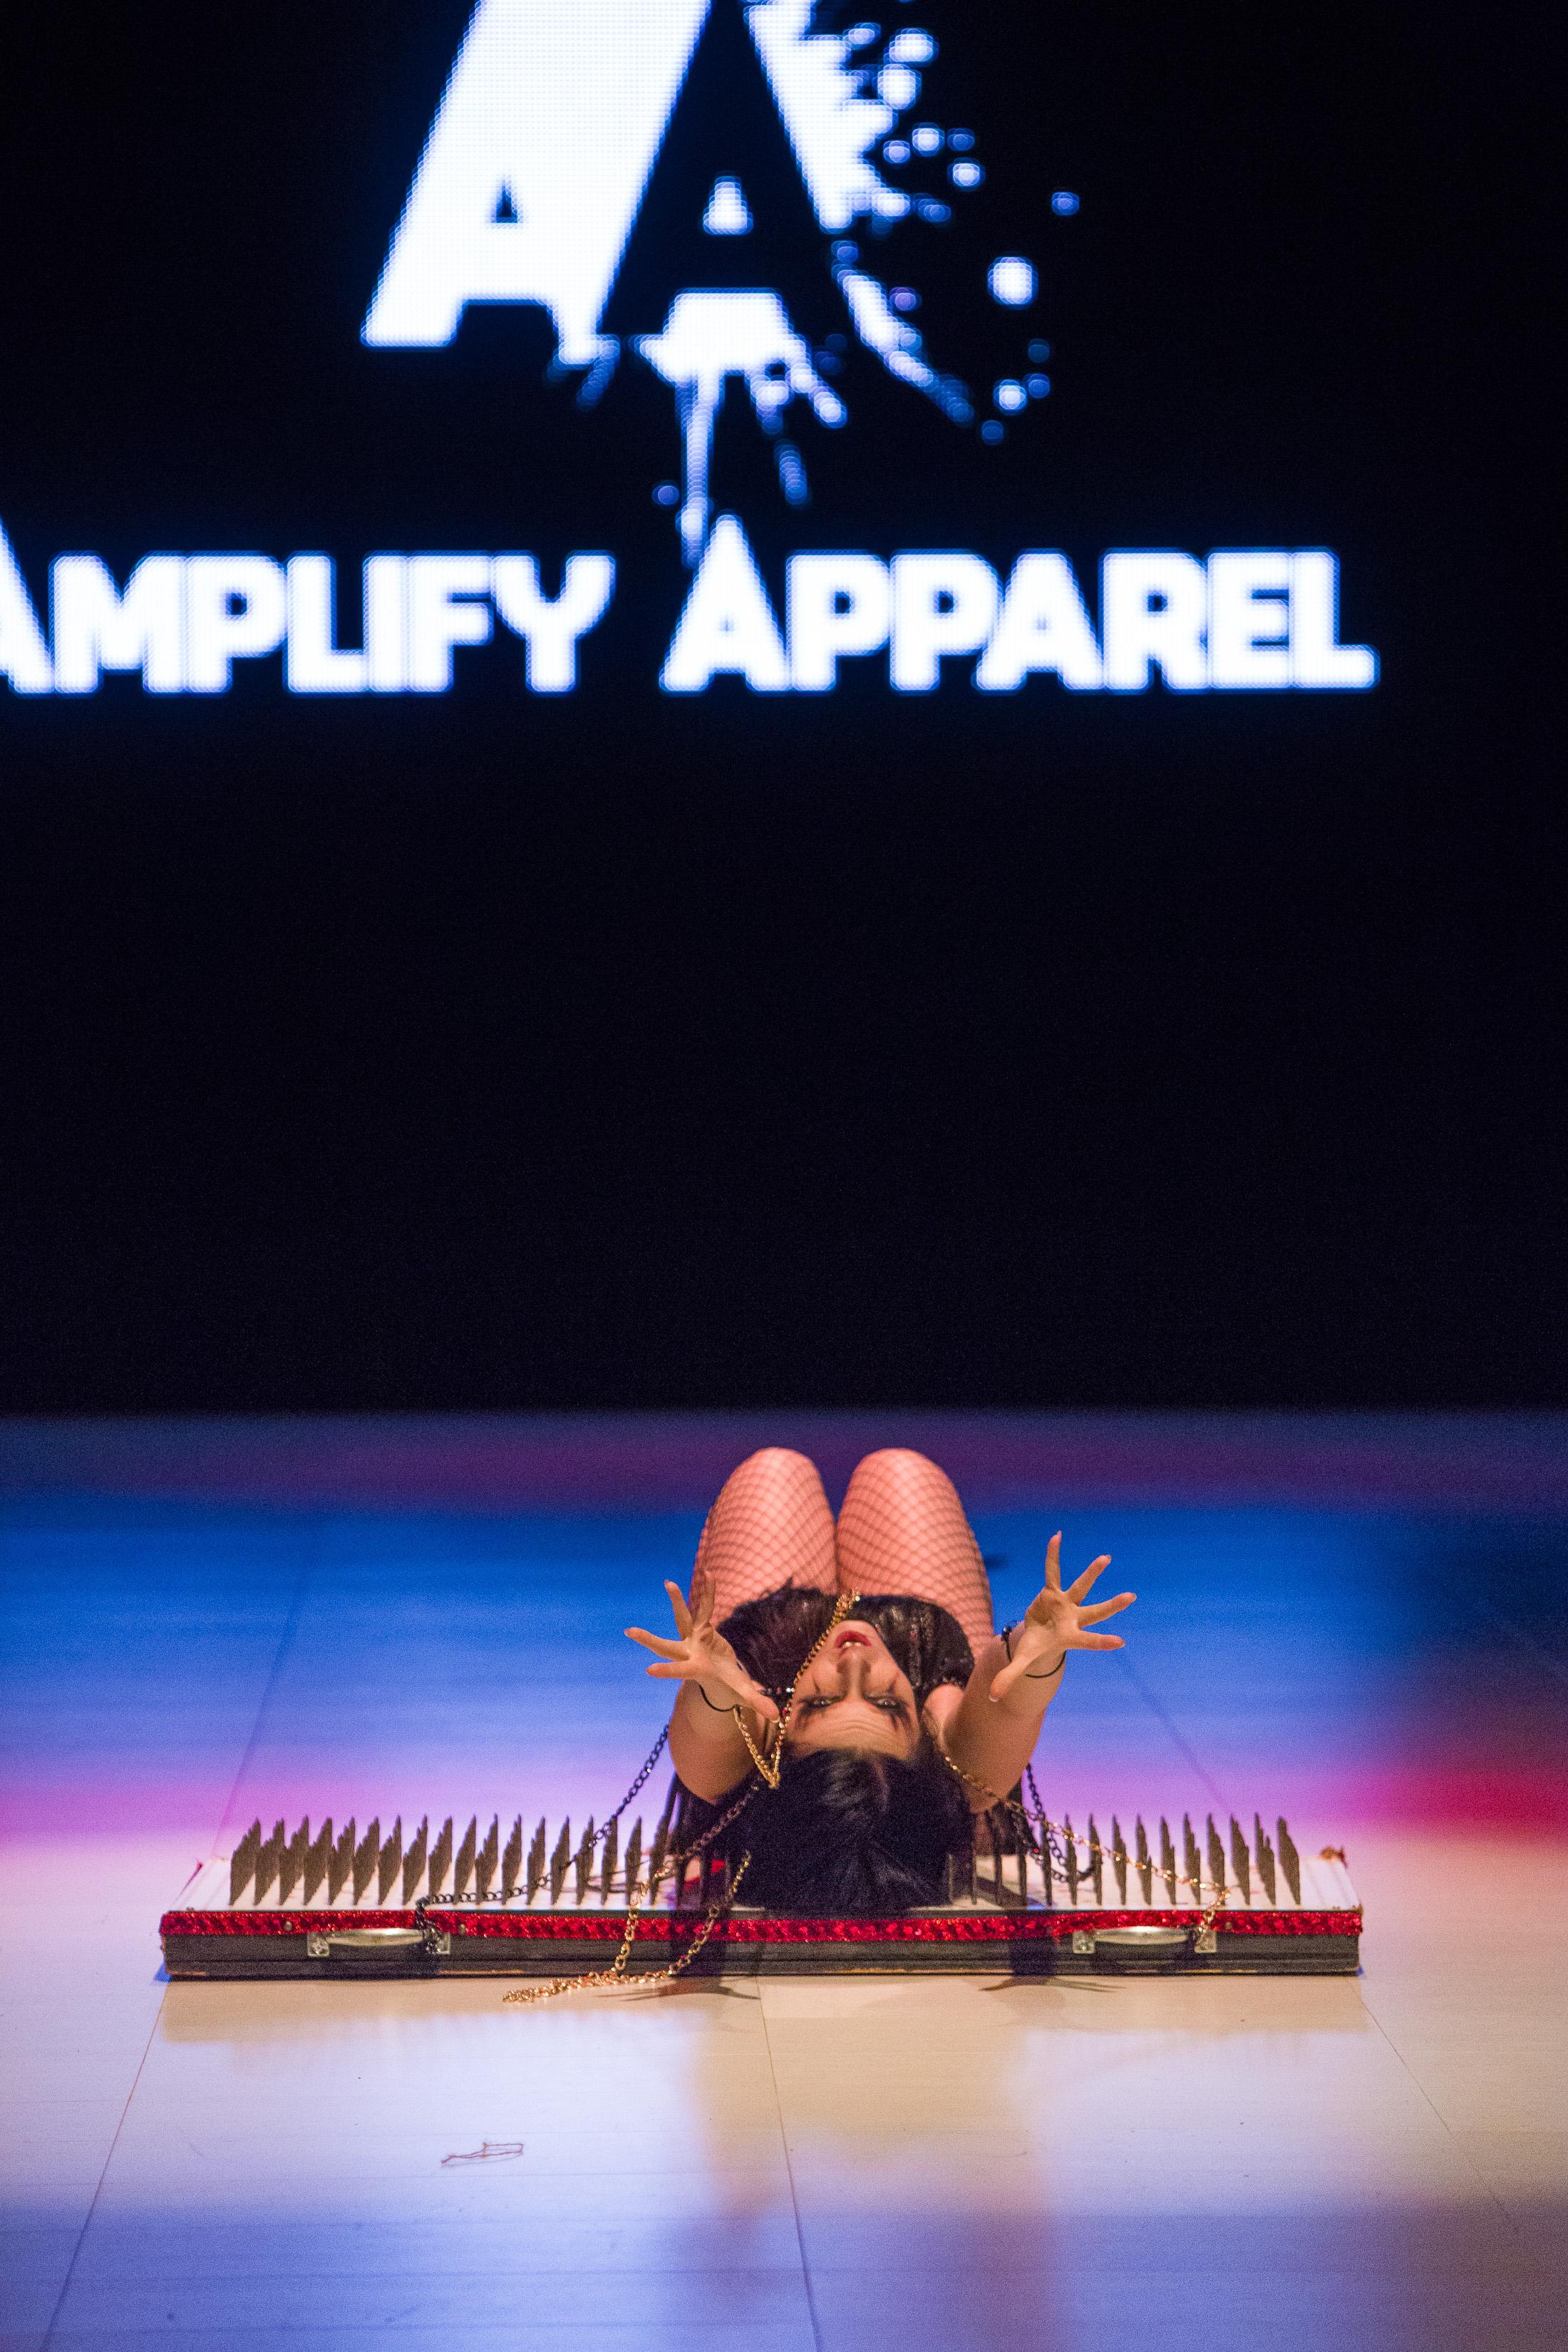 FAT2018-Wed-April-18-amplify-apparel-runway-shayne-gray-7745.jpg